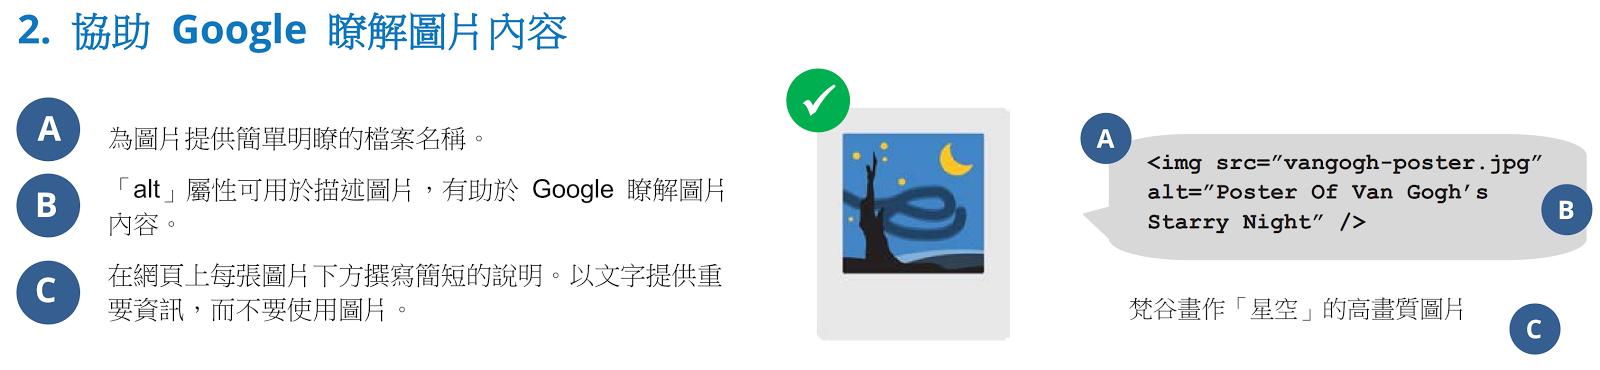 協助Google瞭解圖片內容